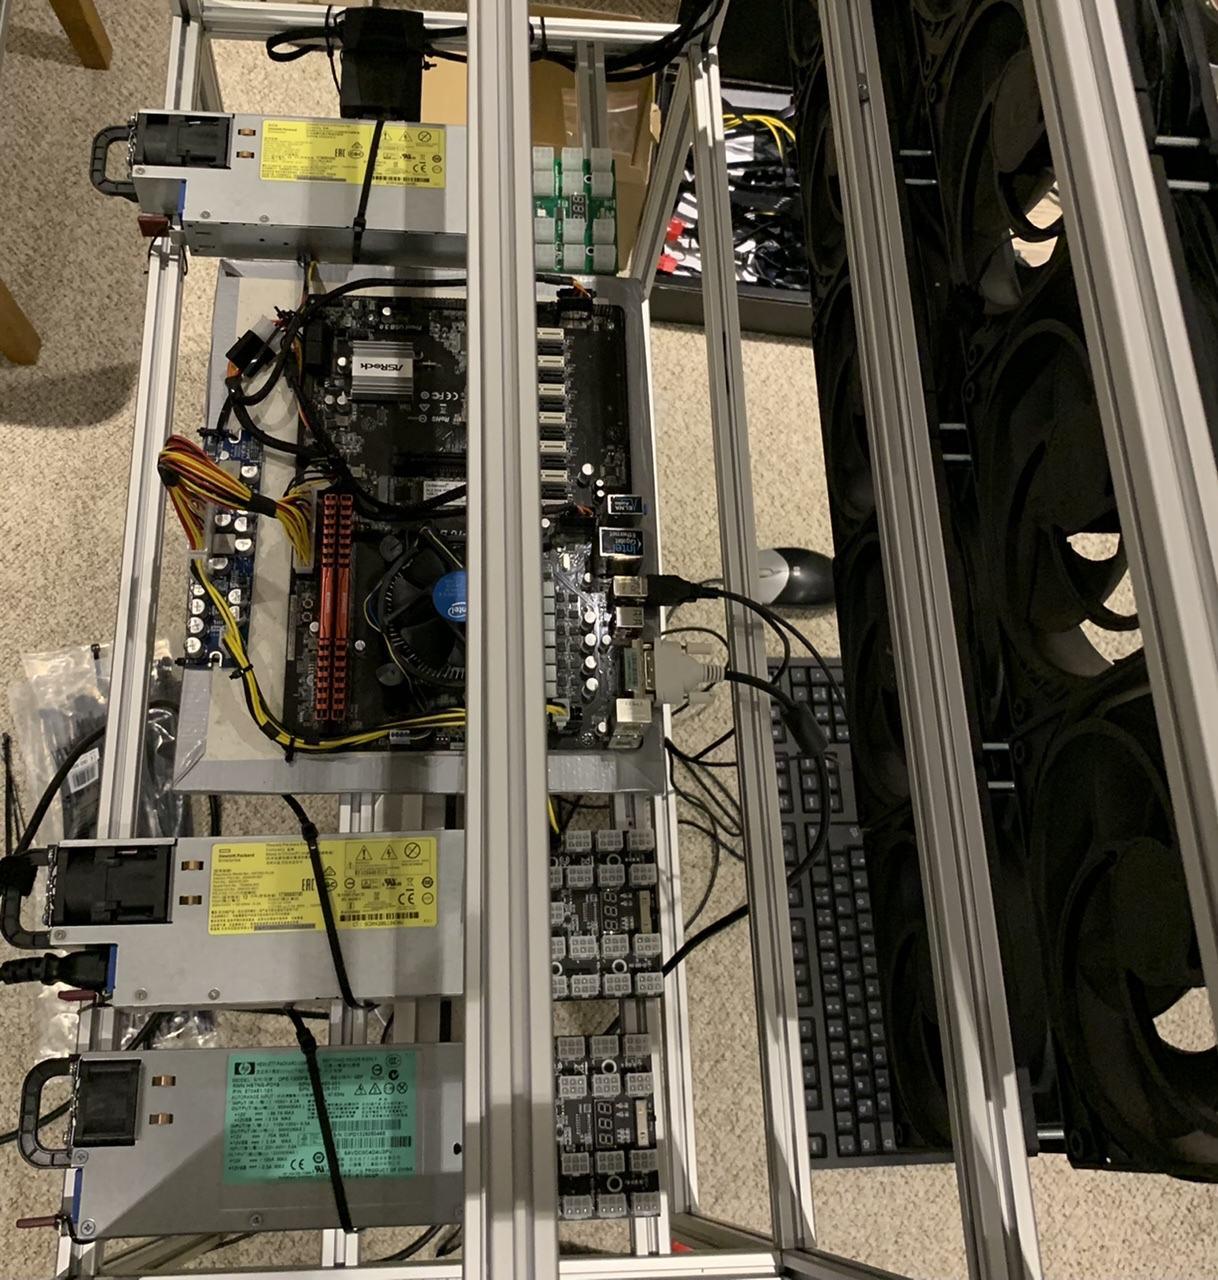 D8E205CA-FC8B-4854-9DBB-AB21F407389B.jpeg